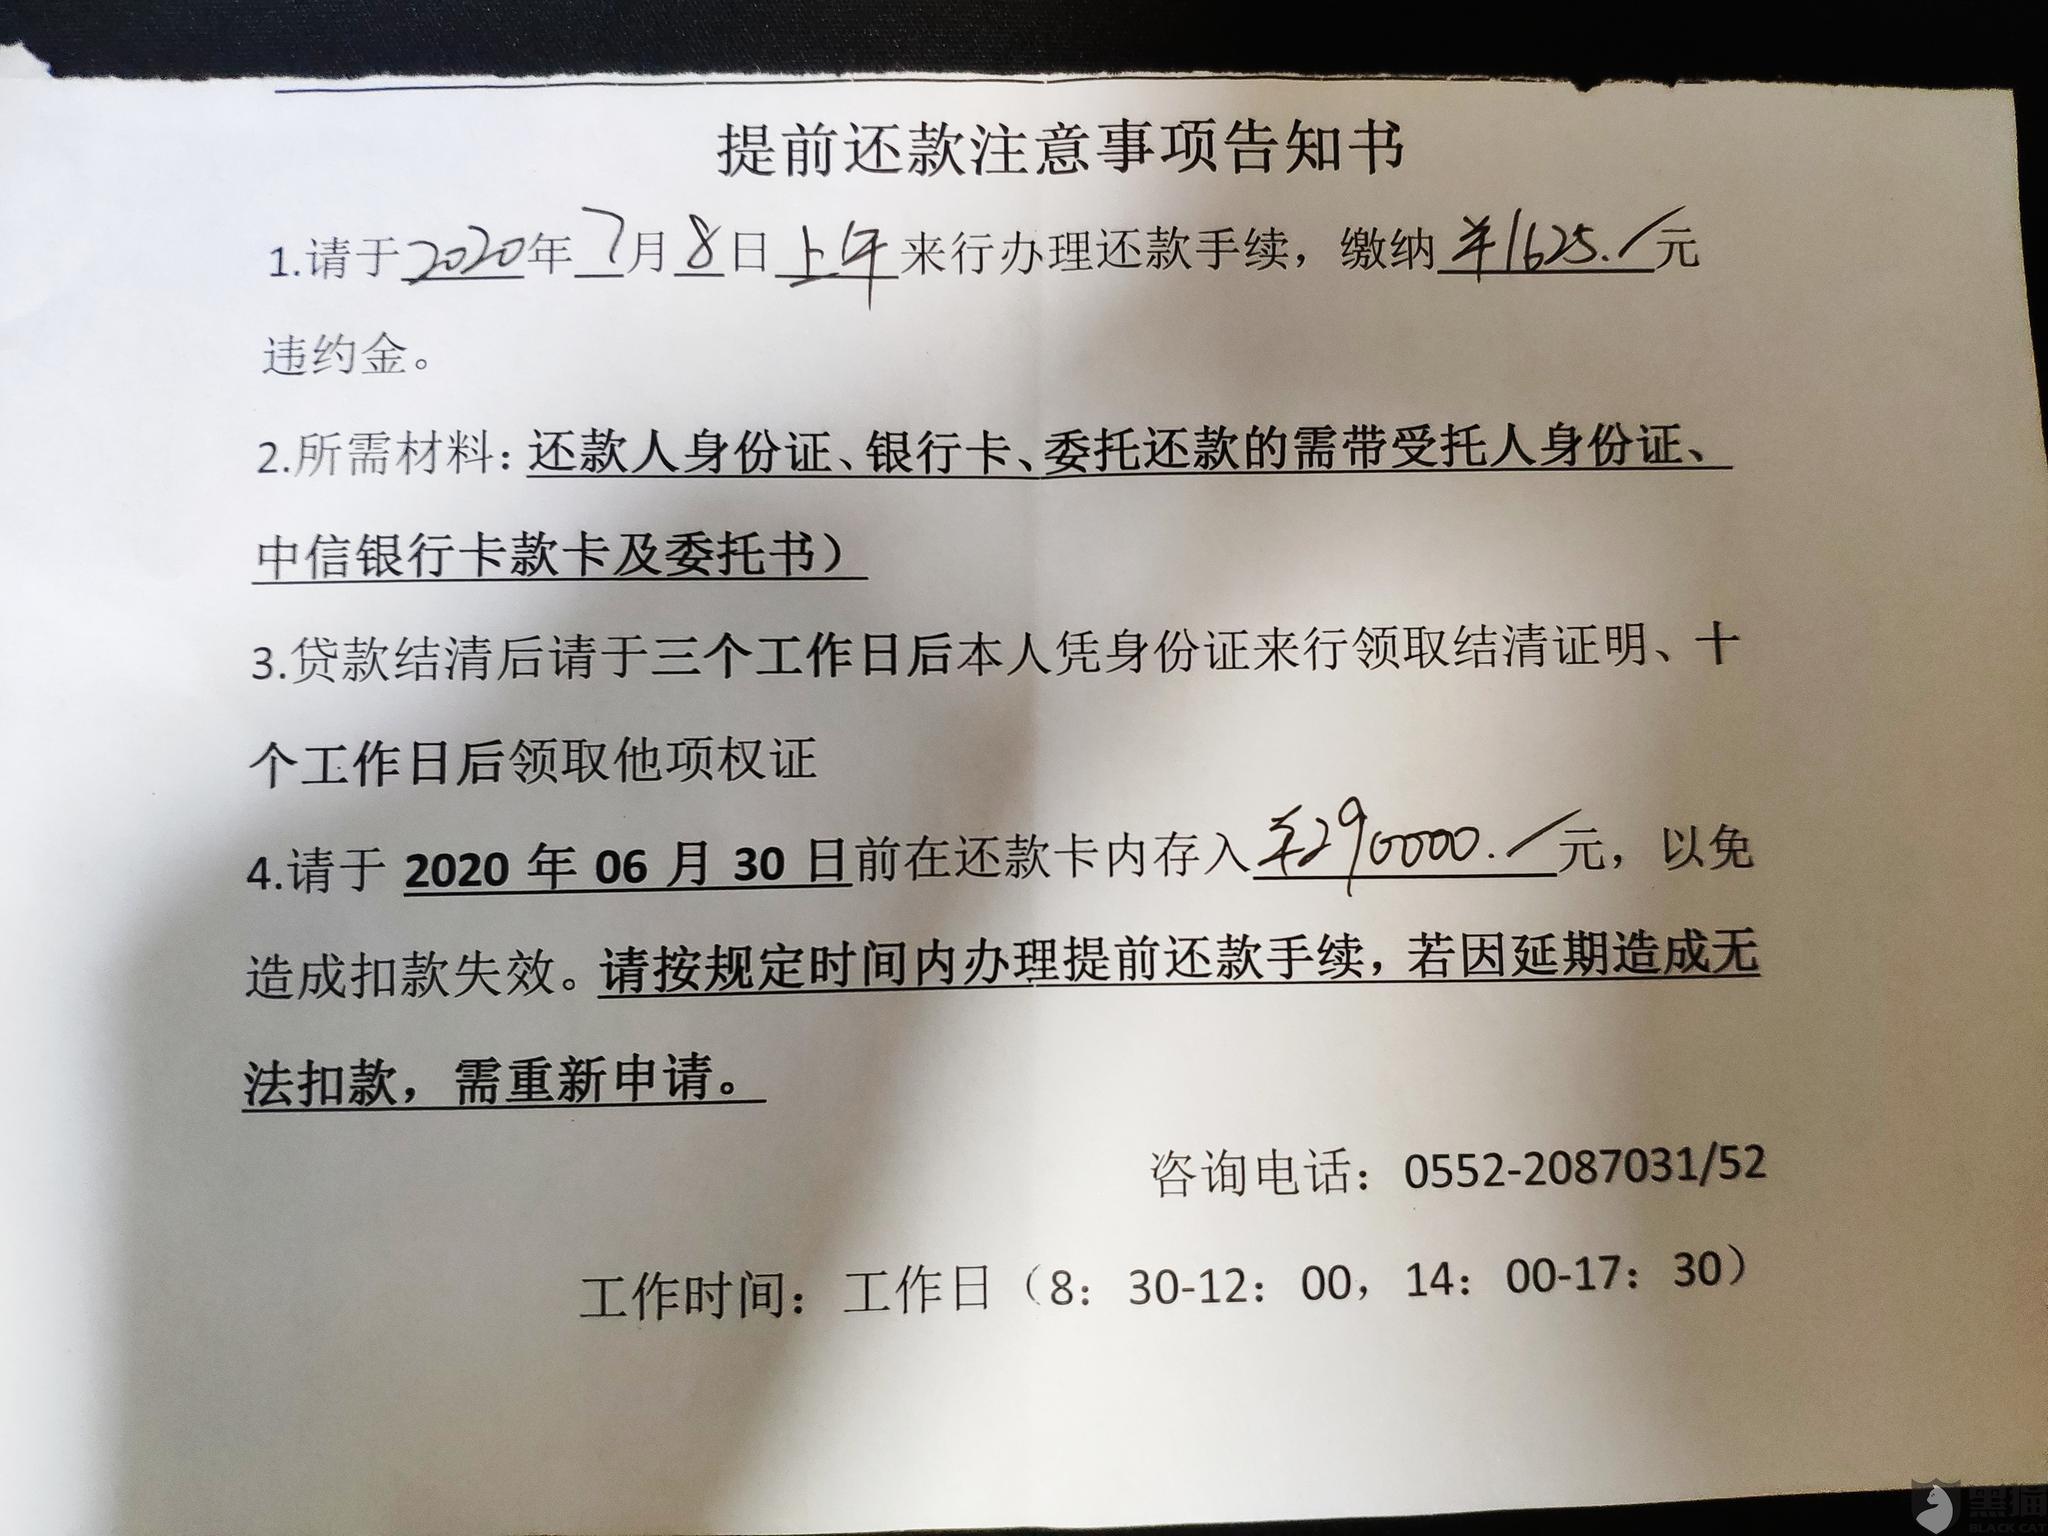 黑猫投诉:蚌埠中信银行住房贷款提前还款不能按时履约事项